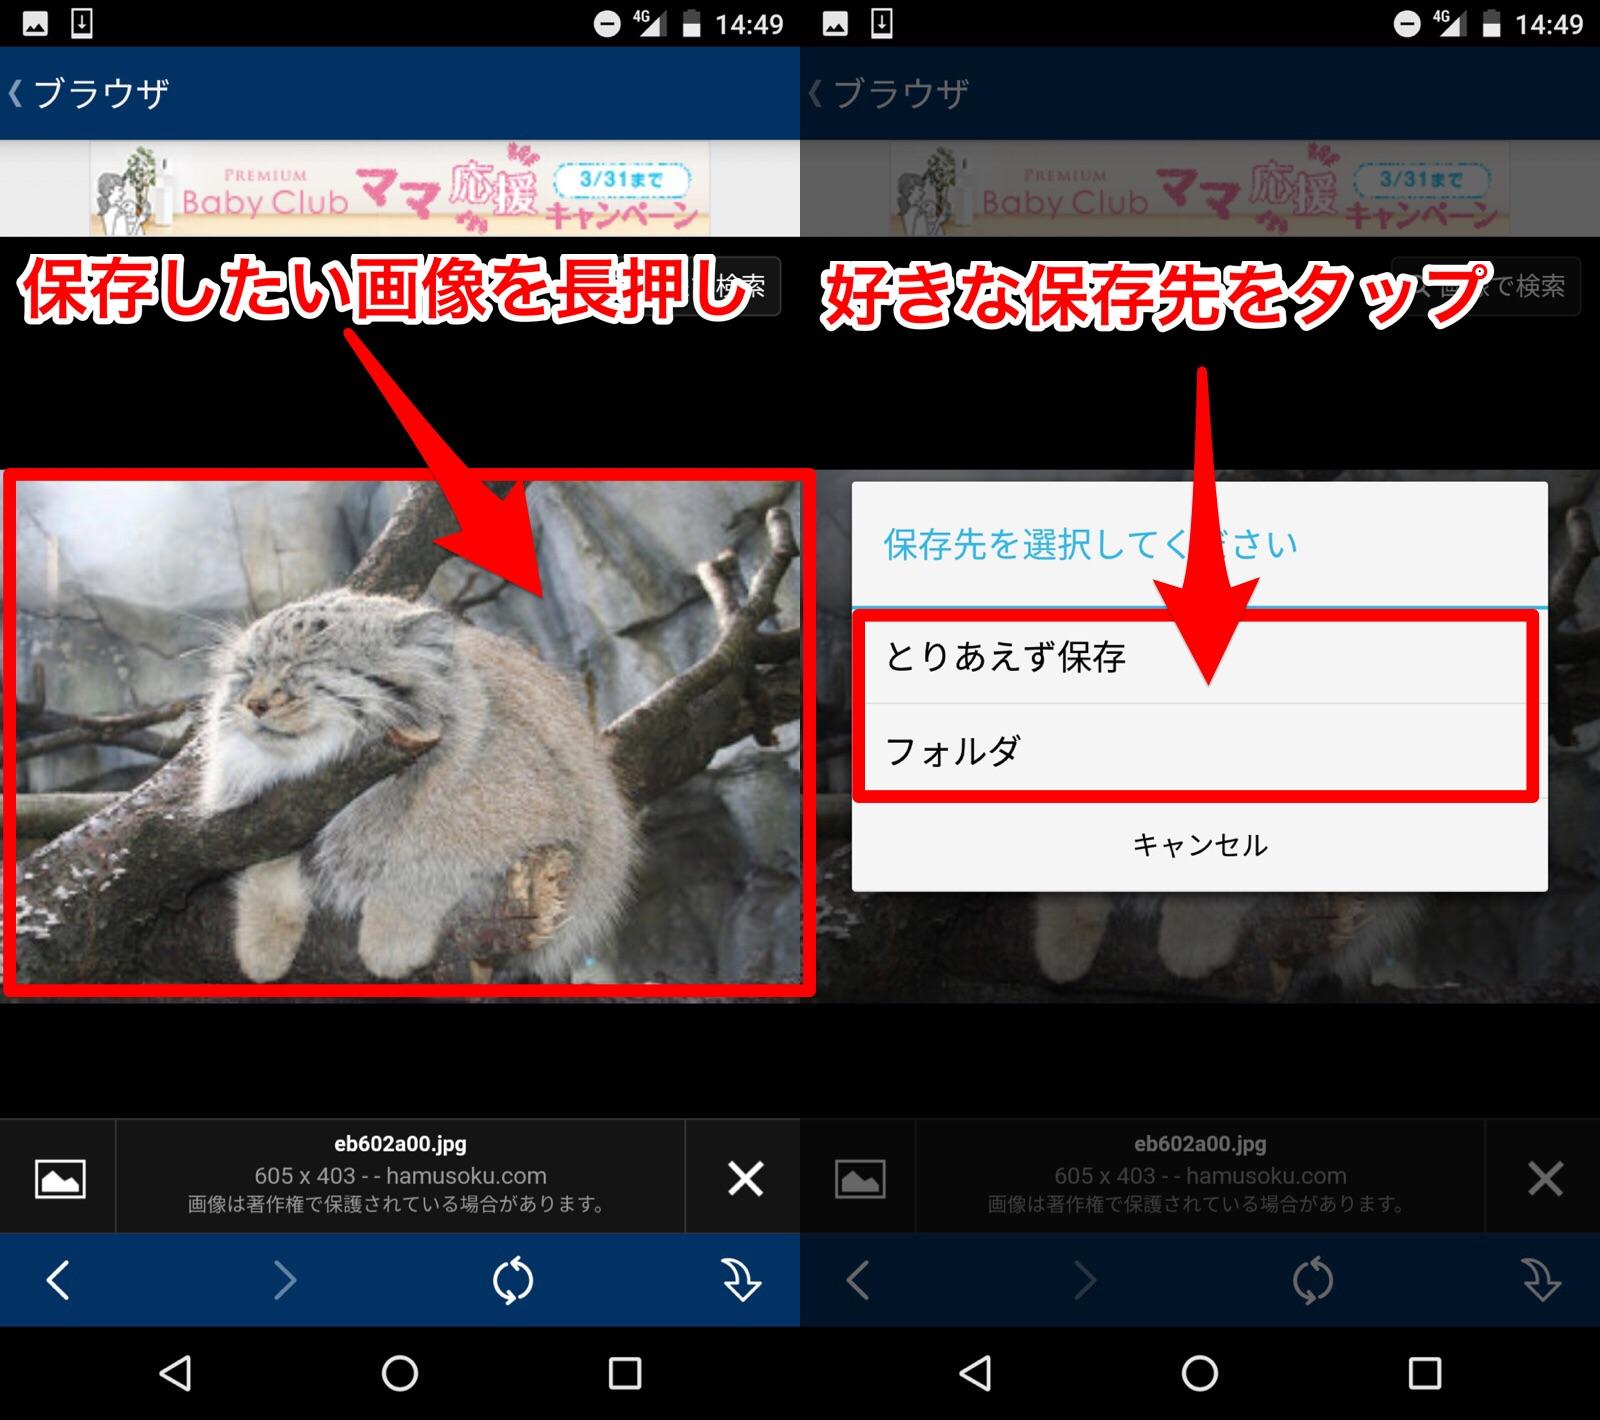 検索結果に表示された画像を長押しして保存先を選択して保存する